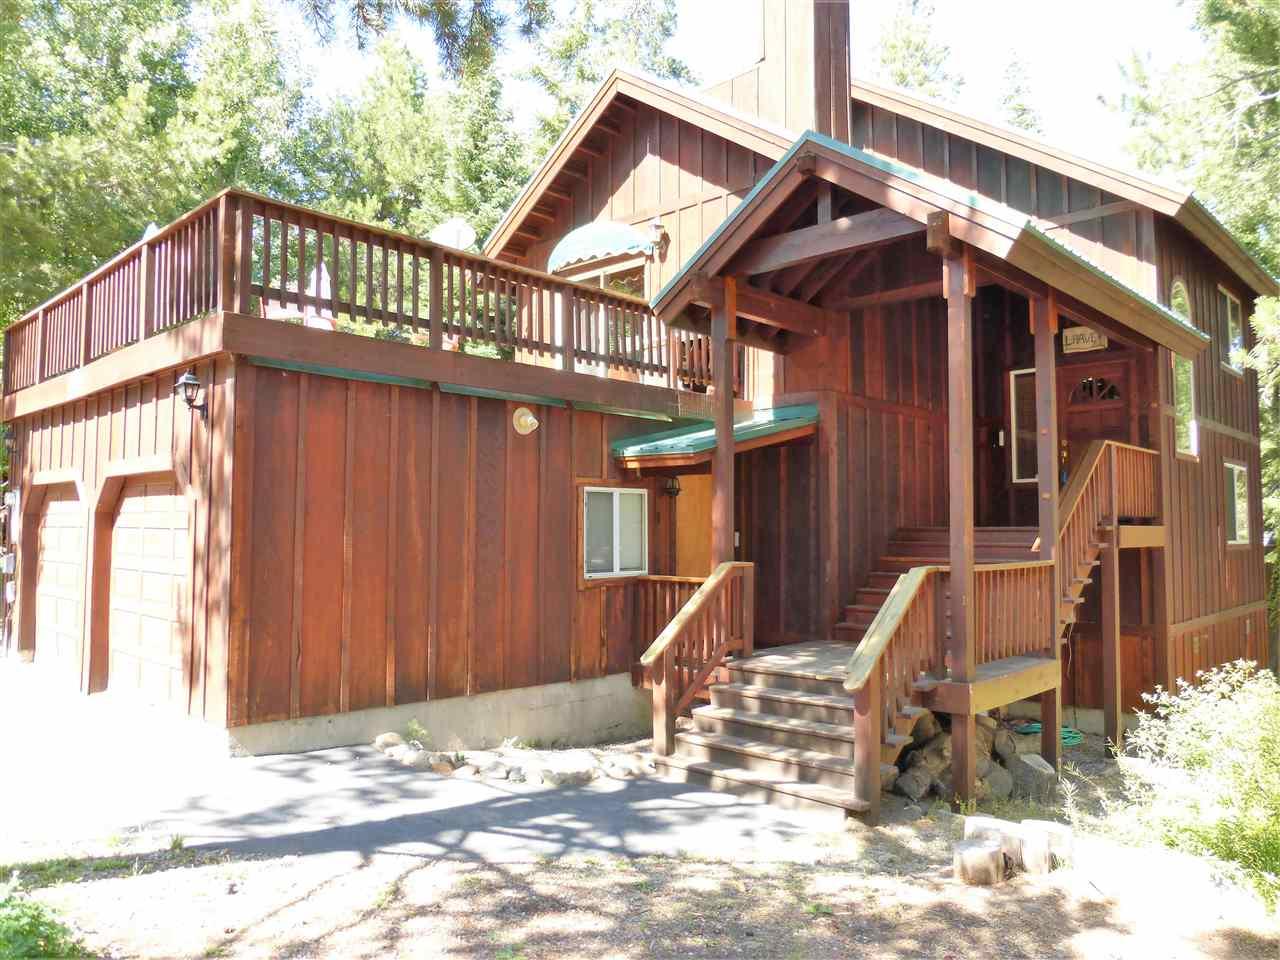 Image for 6440 Emerald Circle, Tahoma, CA 96145-000